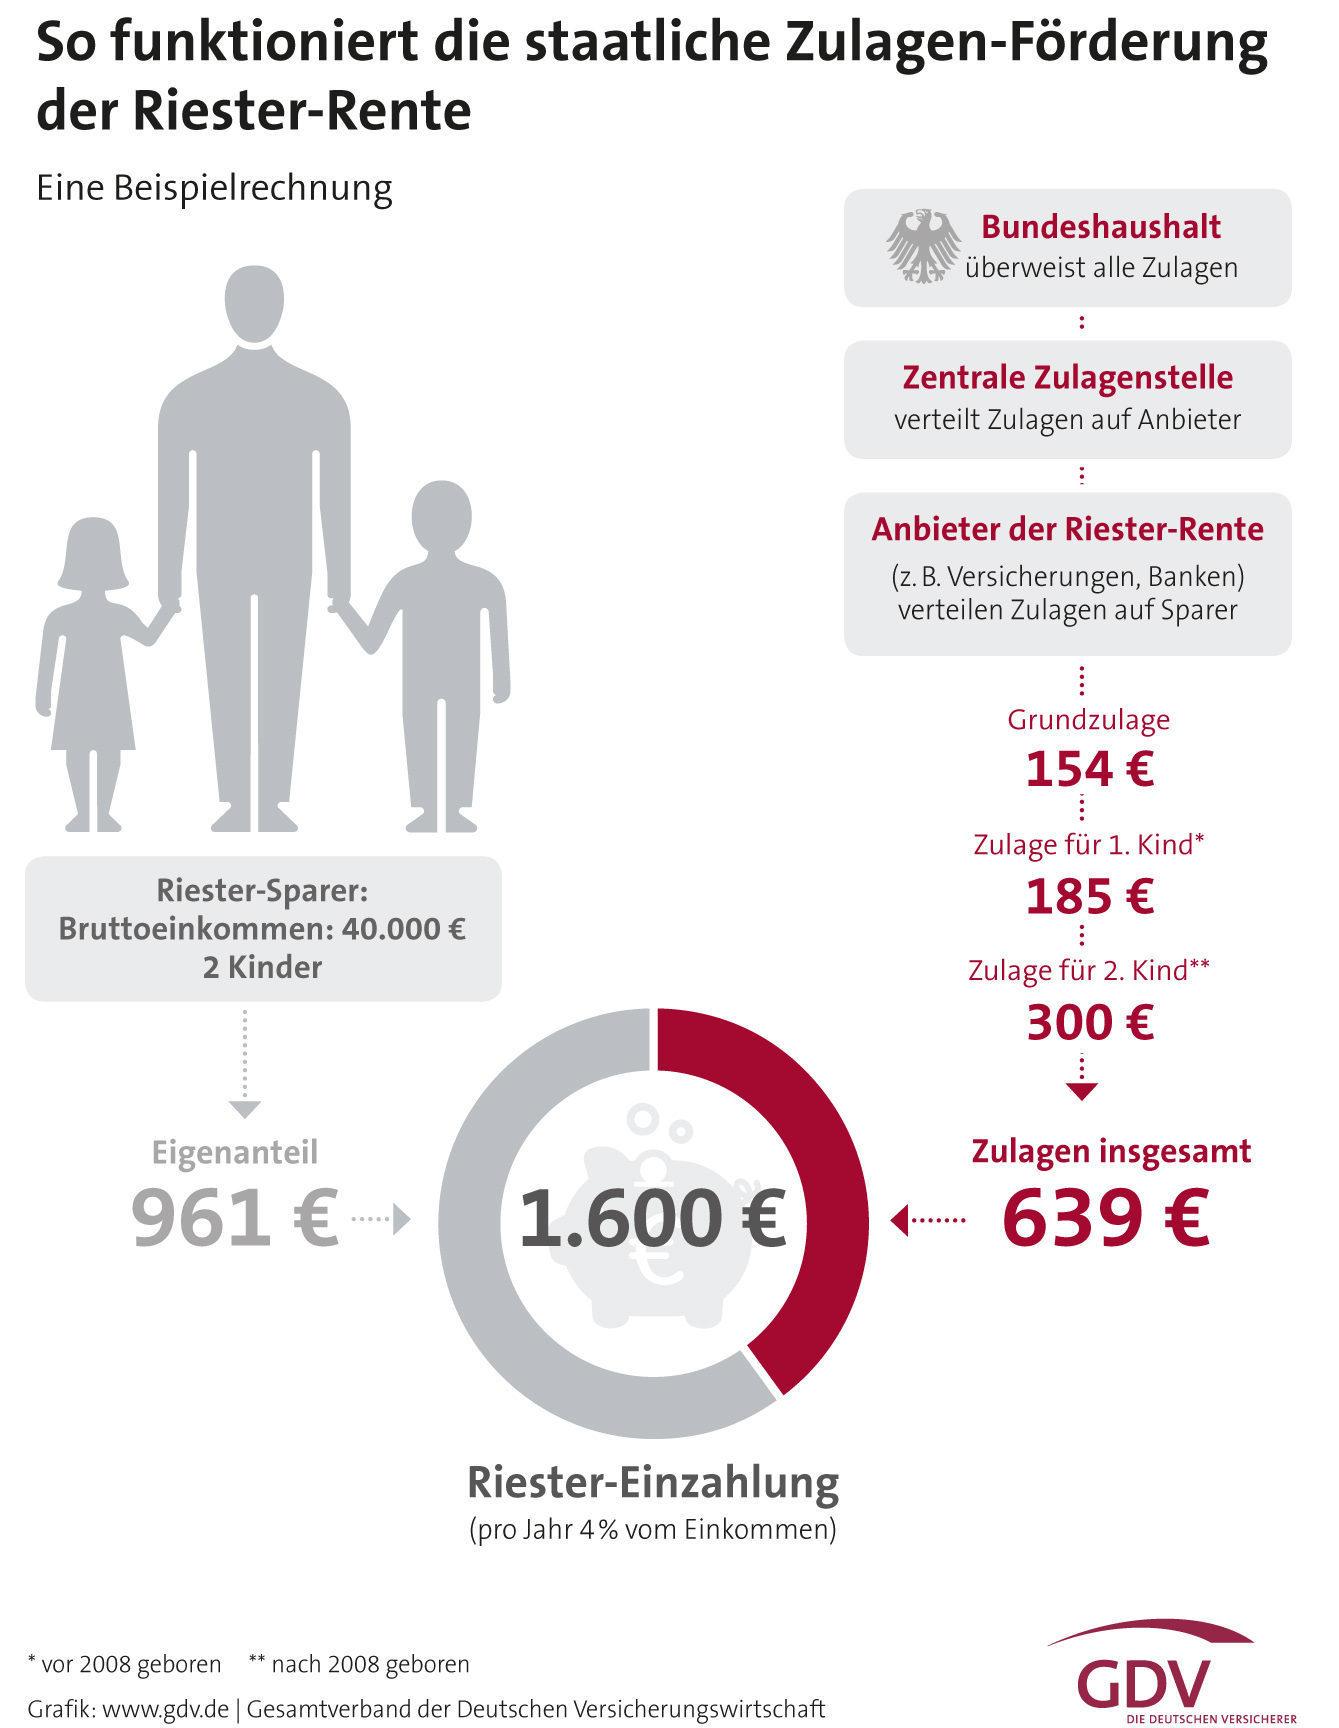 So funktioniert die Zulagen-Förderung bei der Riester-Rente (Quelle: GDV)